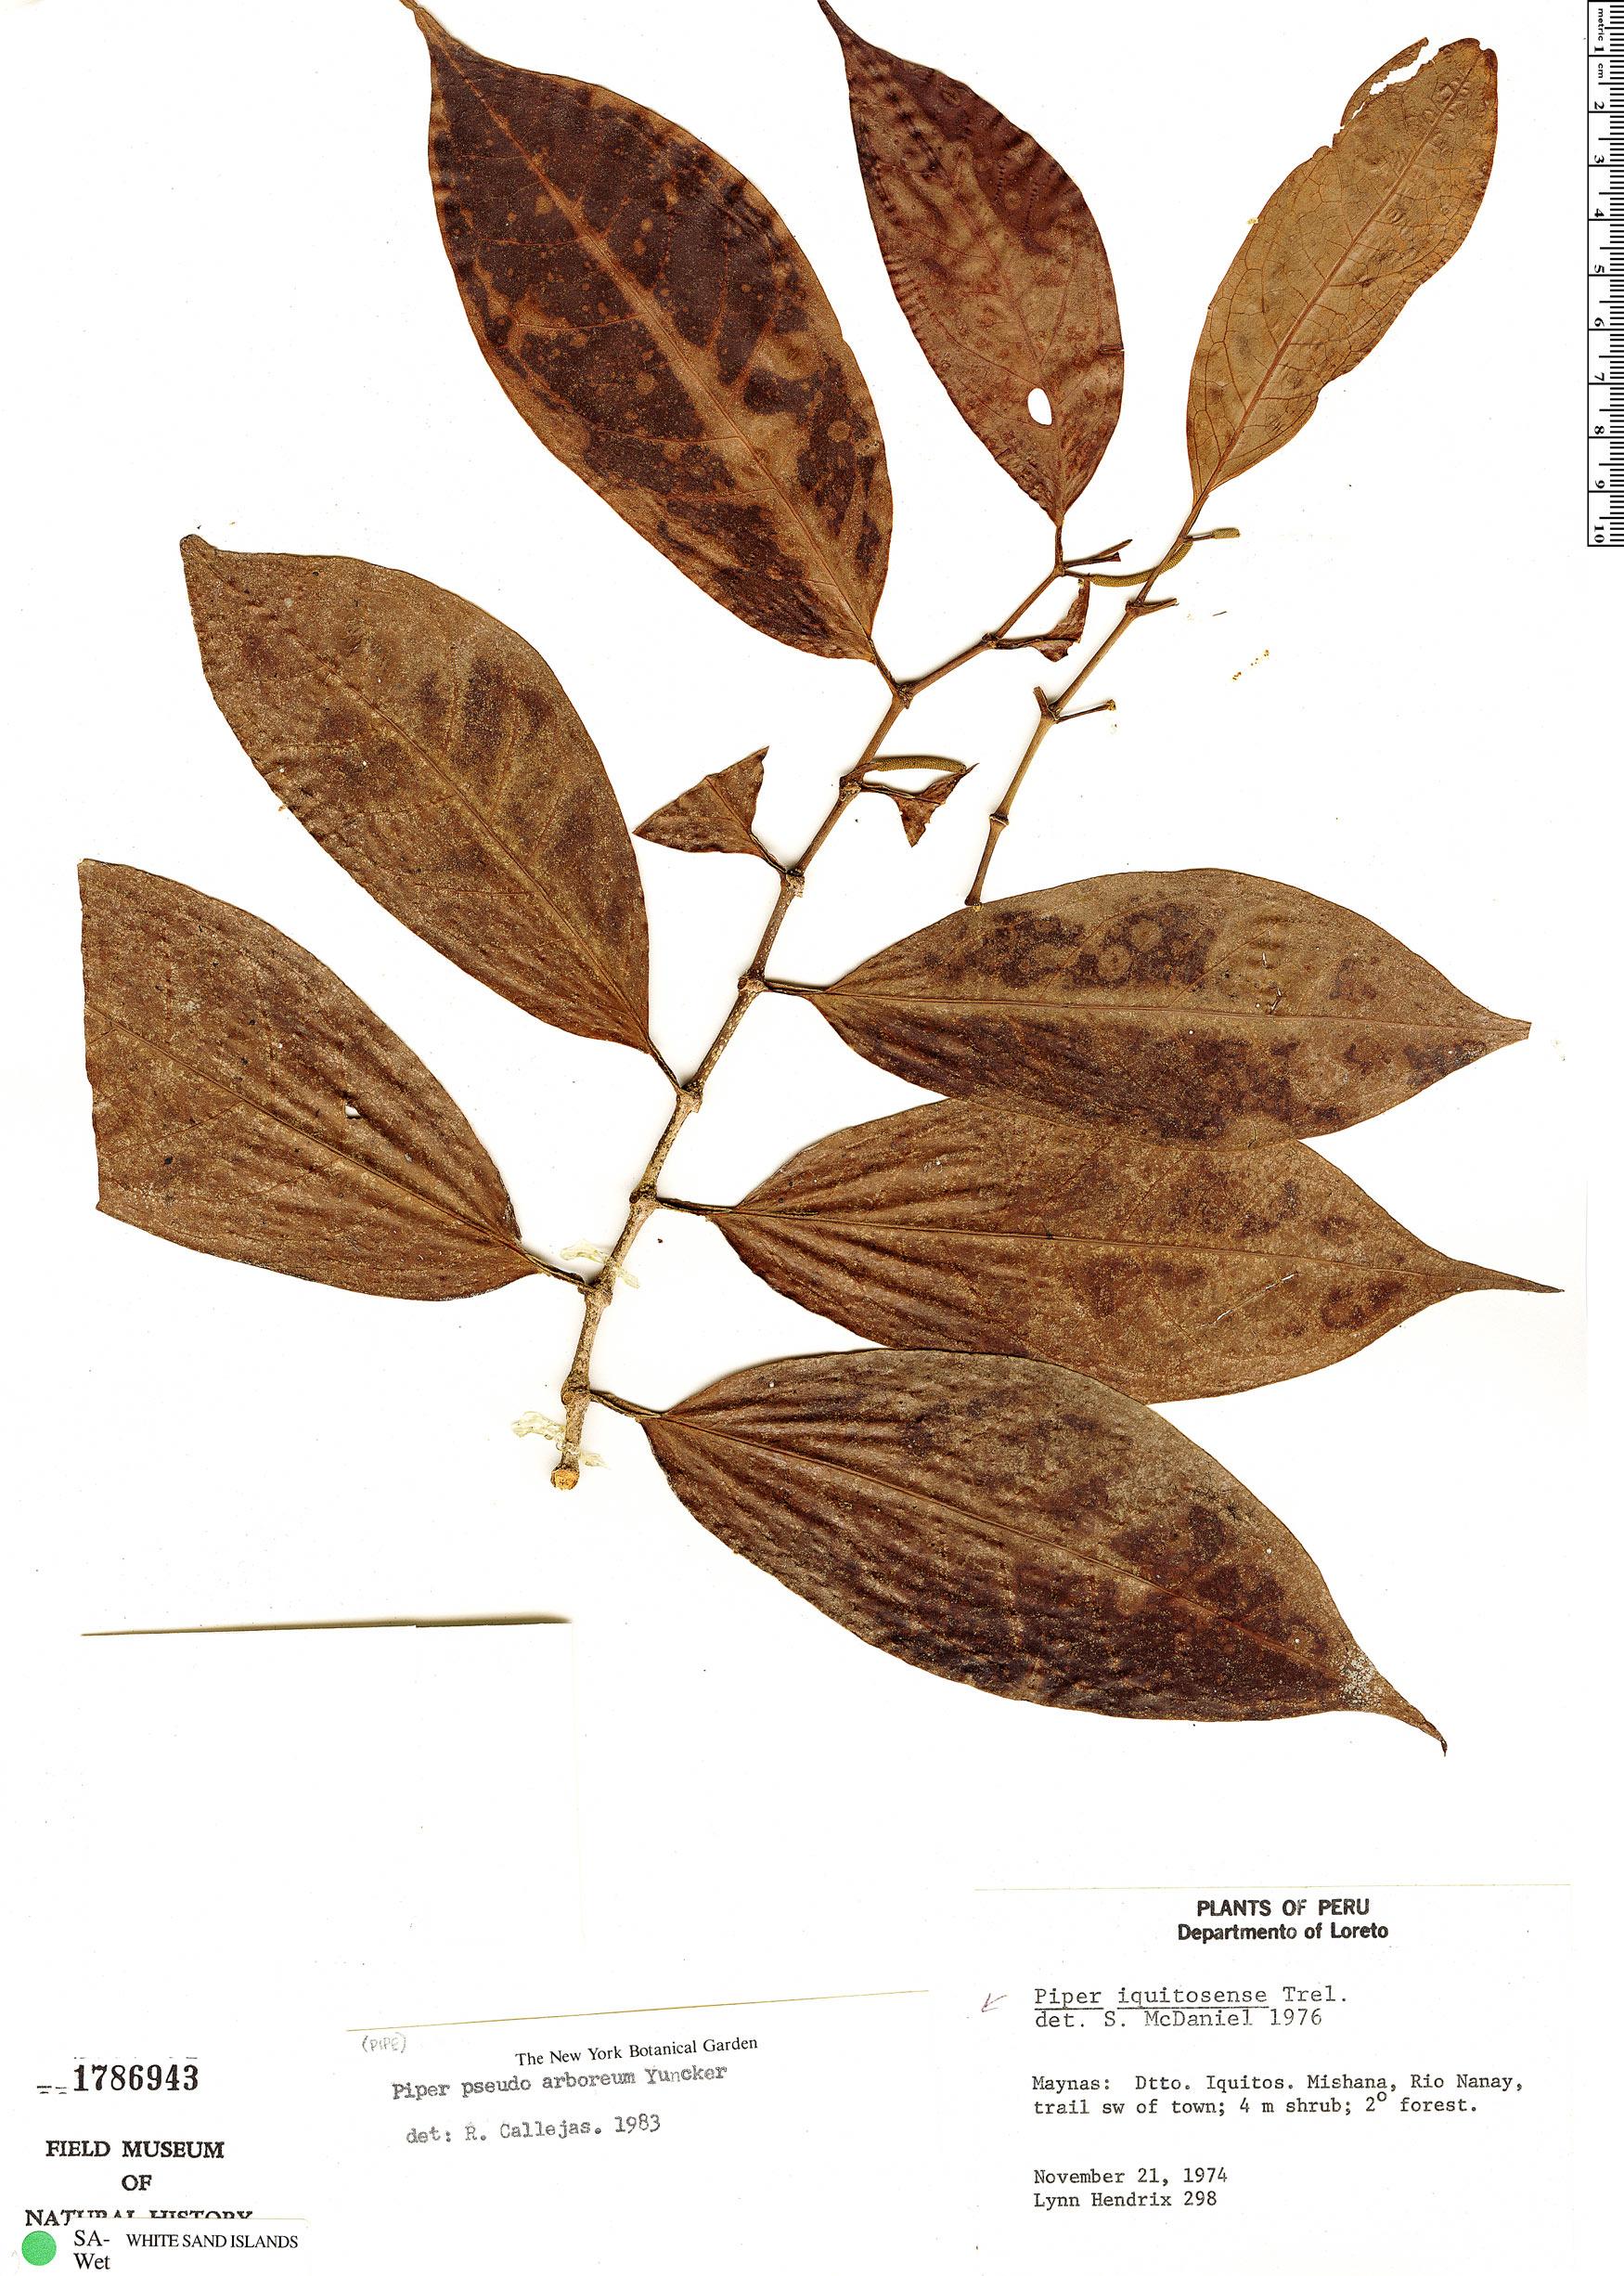 Specimen: Piper pseudoarboreum